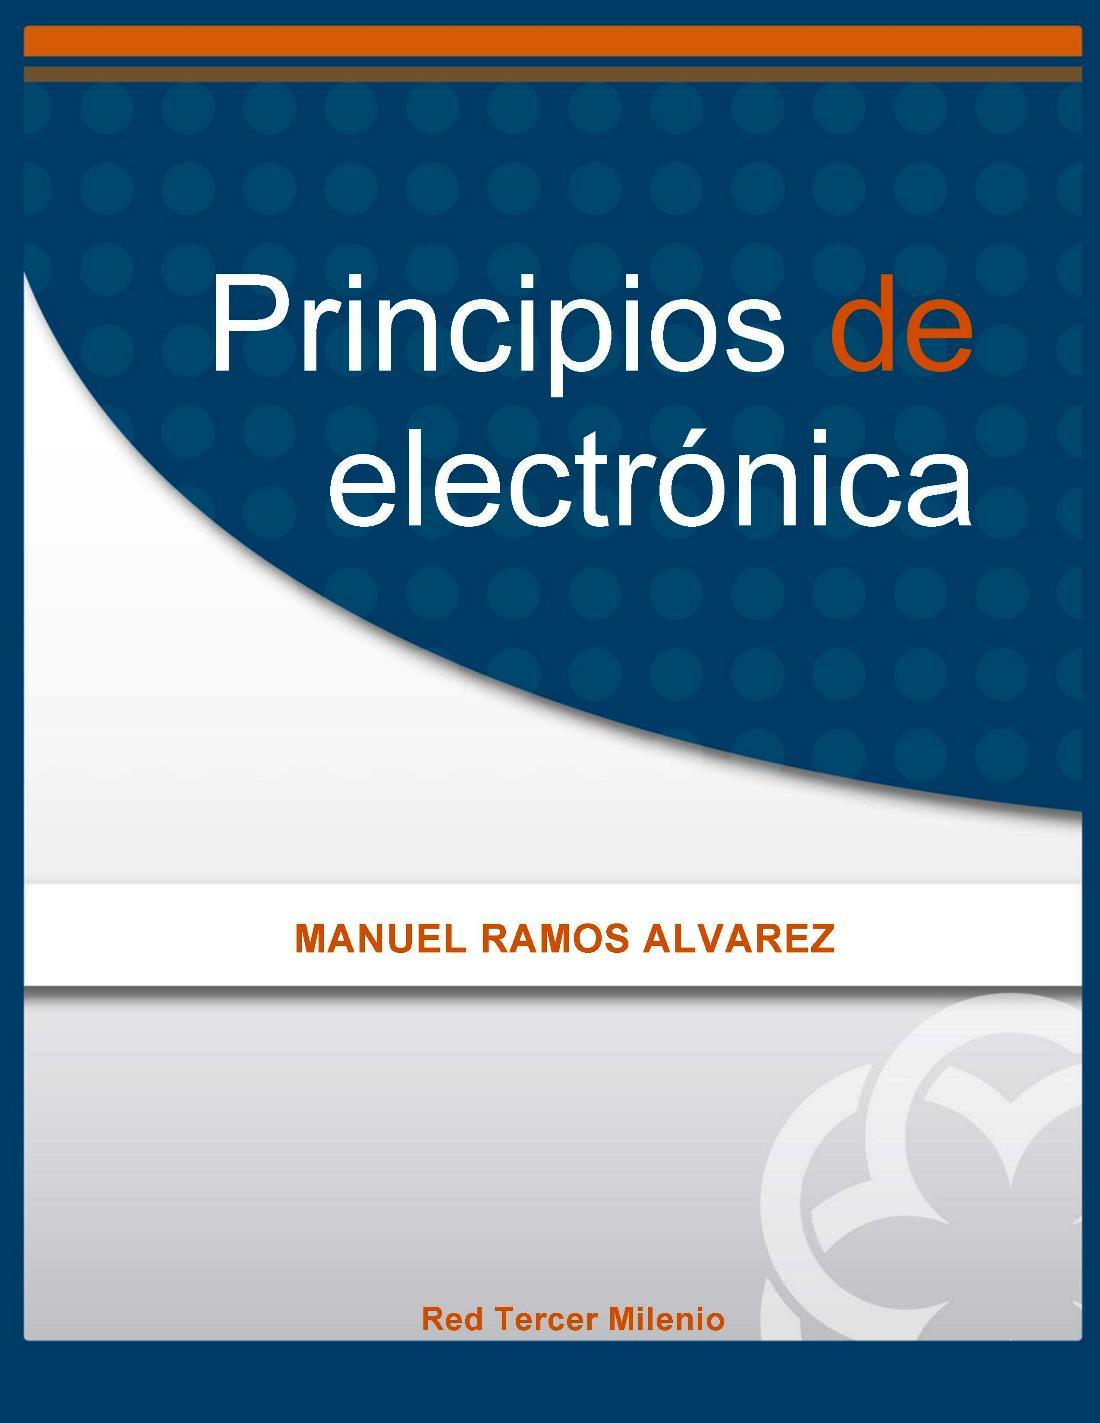 Principios de electrónica – Manuel Ramos Álvarez